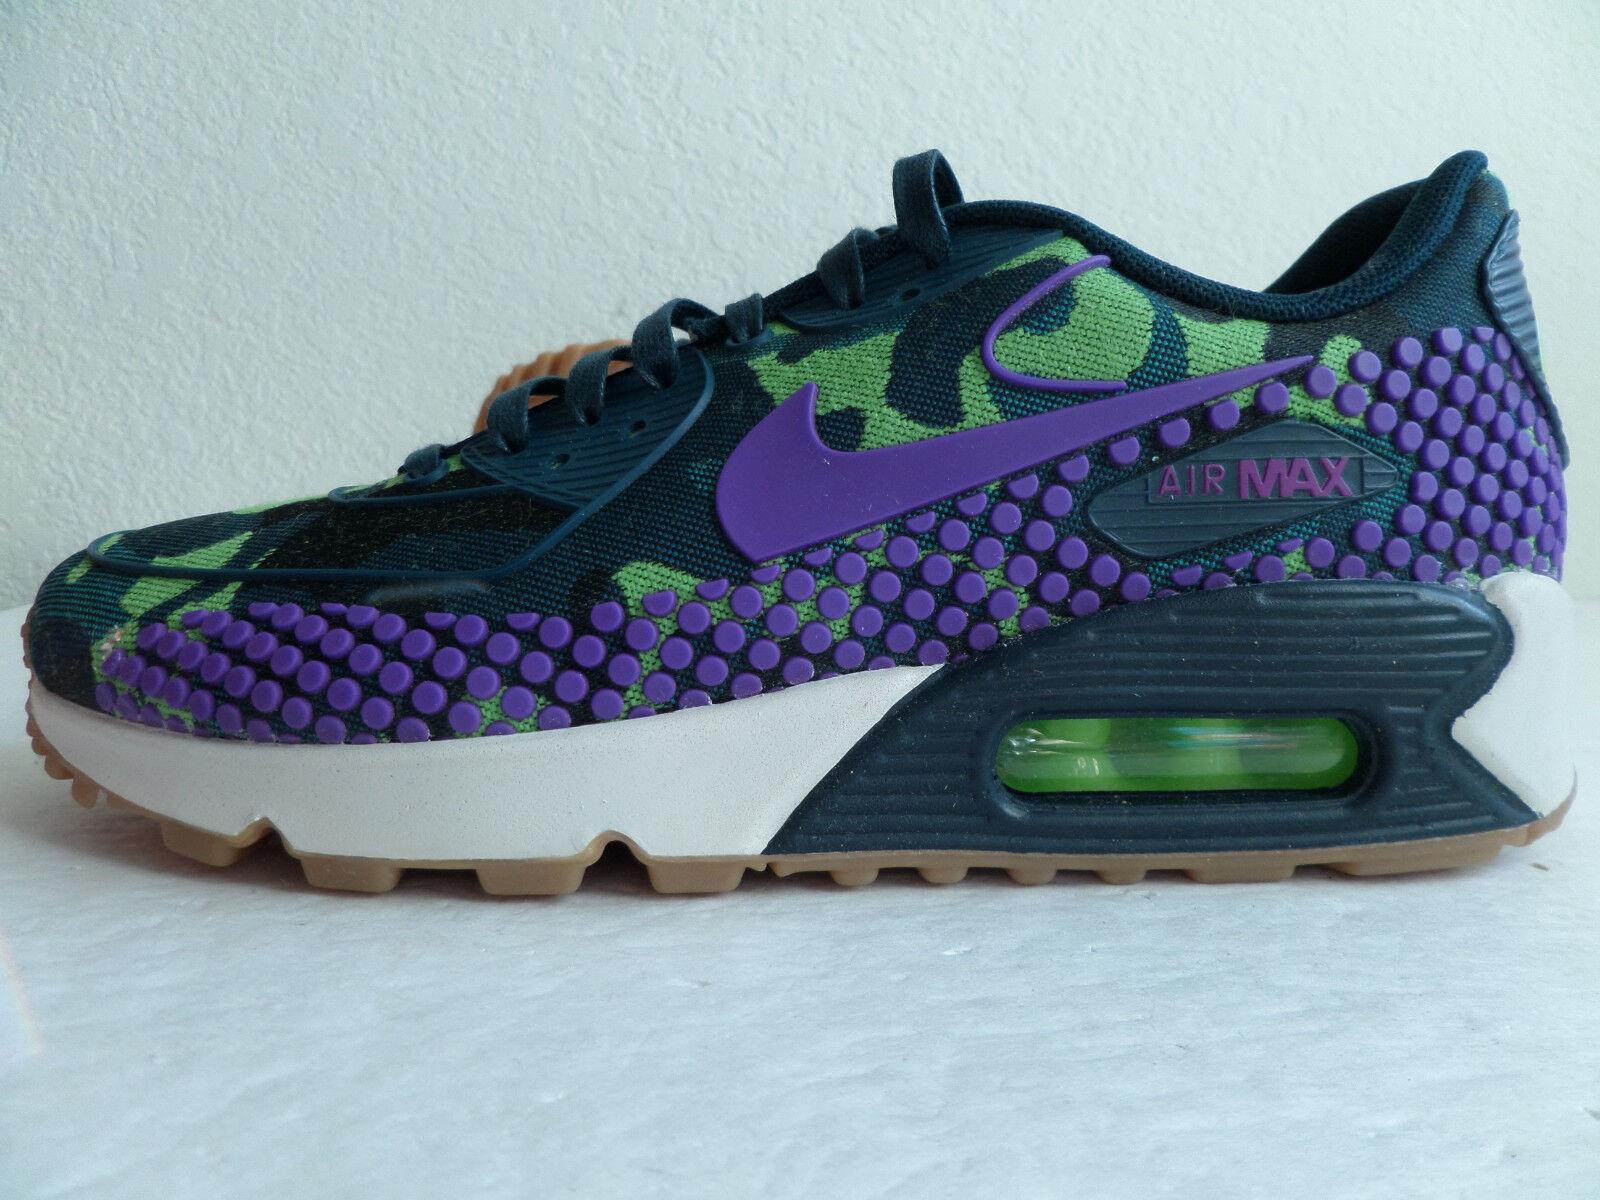 Nike Air Women Max 90 Jacquard Premium Women Air Running Shoes Green Camouflage 807298 300 88a7ea